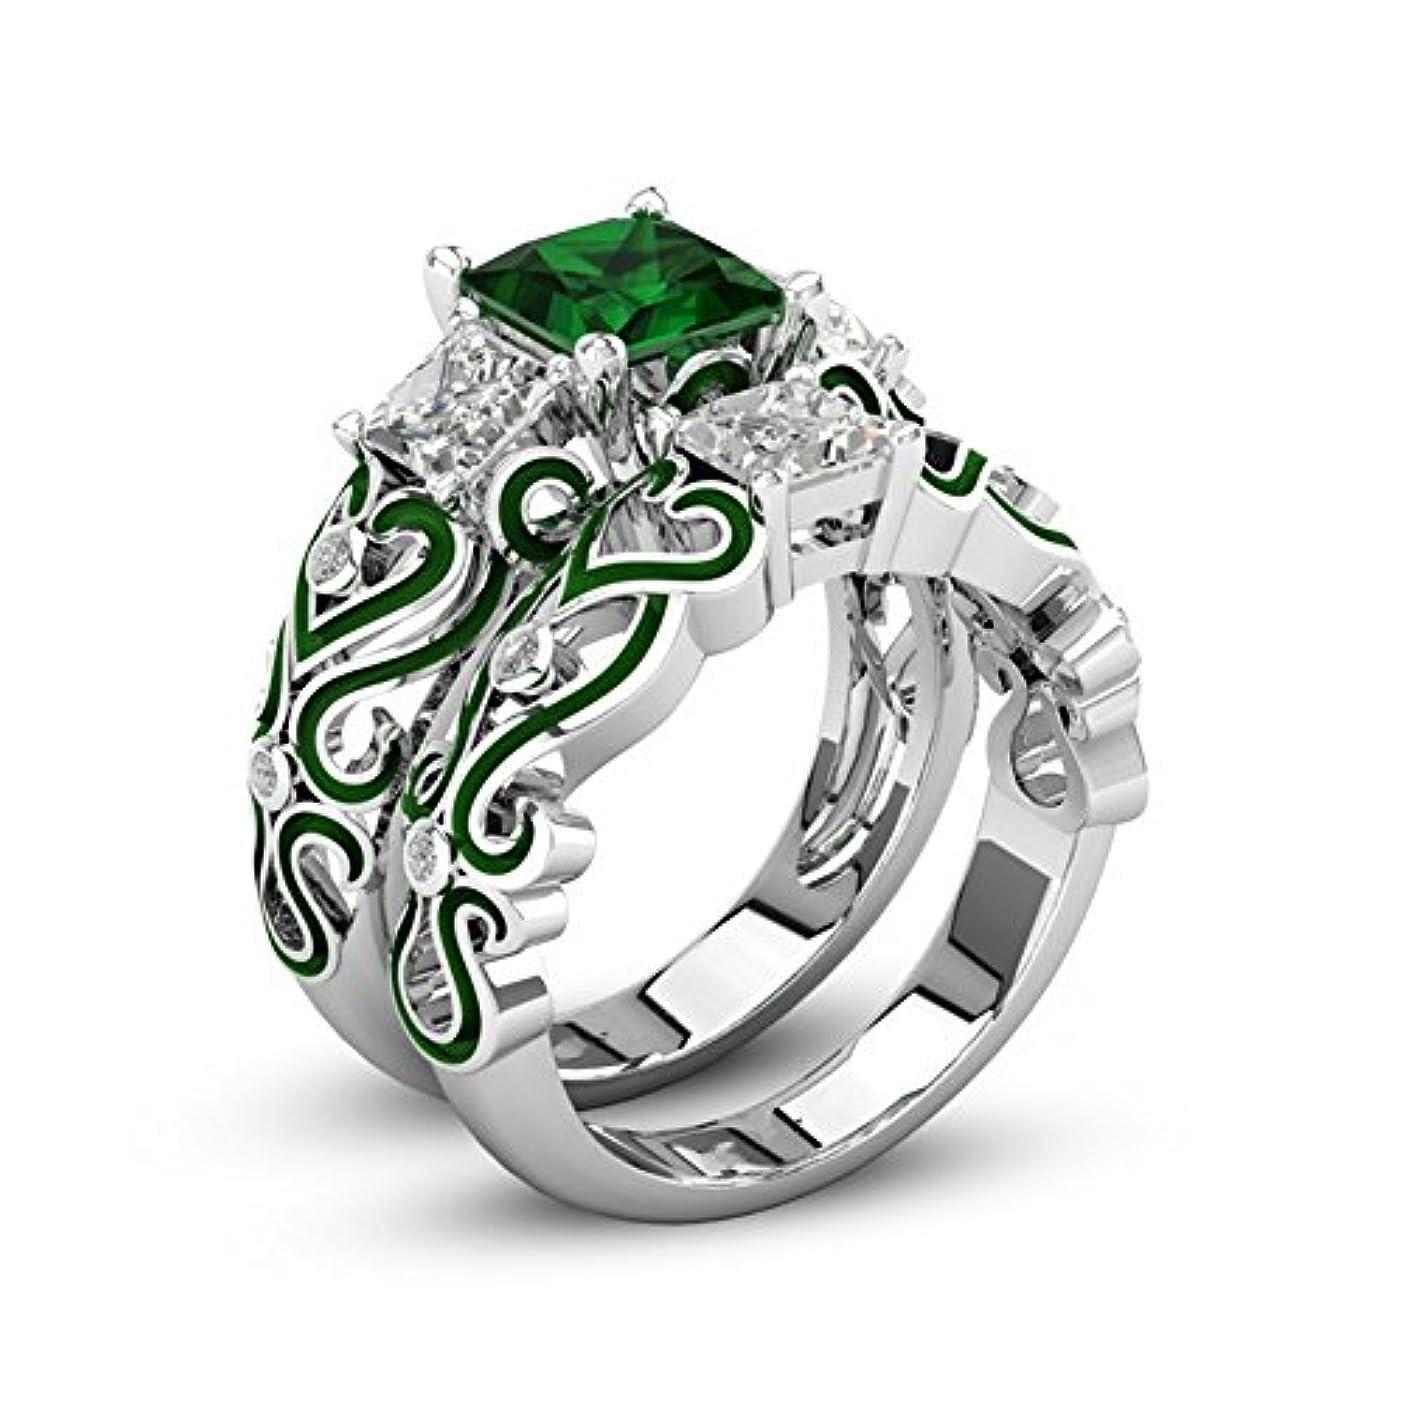 再生的ゴージャス哺乳類女性のためのファッション925シルバーメッキ結婚指輪婚約指輪フレンドマザーパーティー着用記念日 (緑, 18)